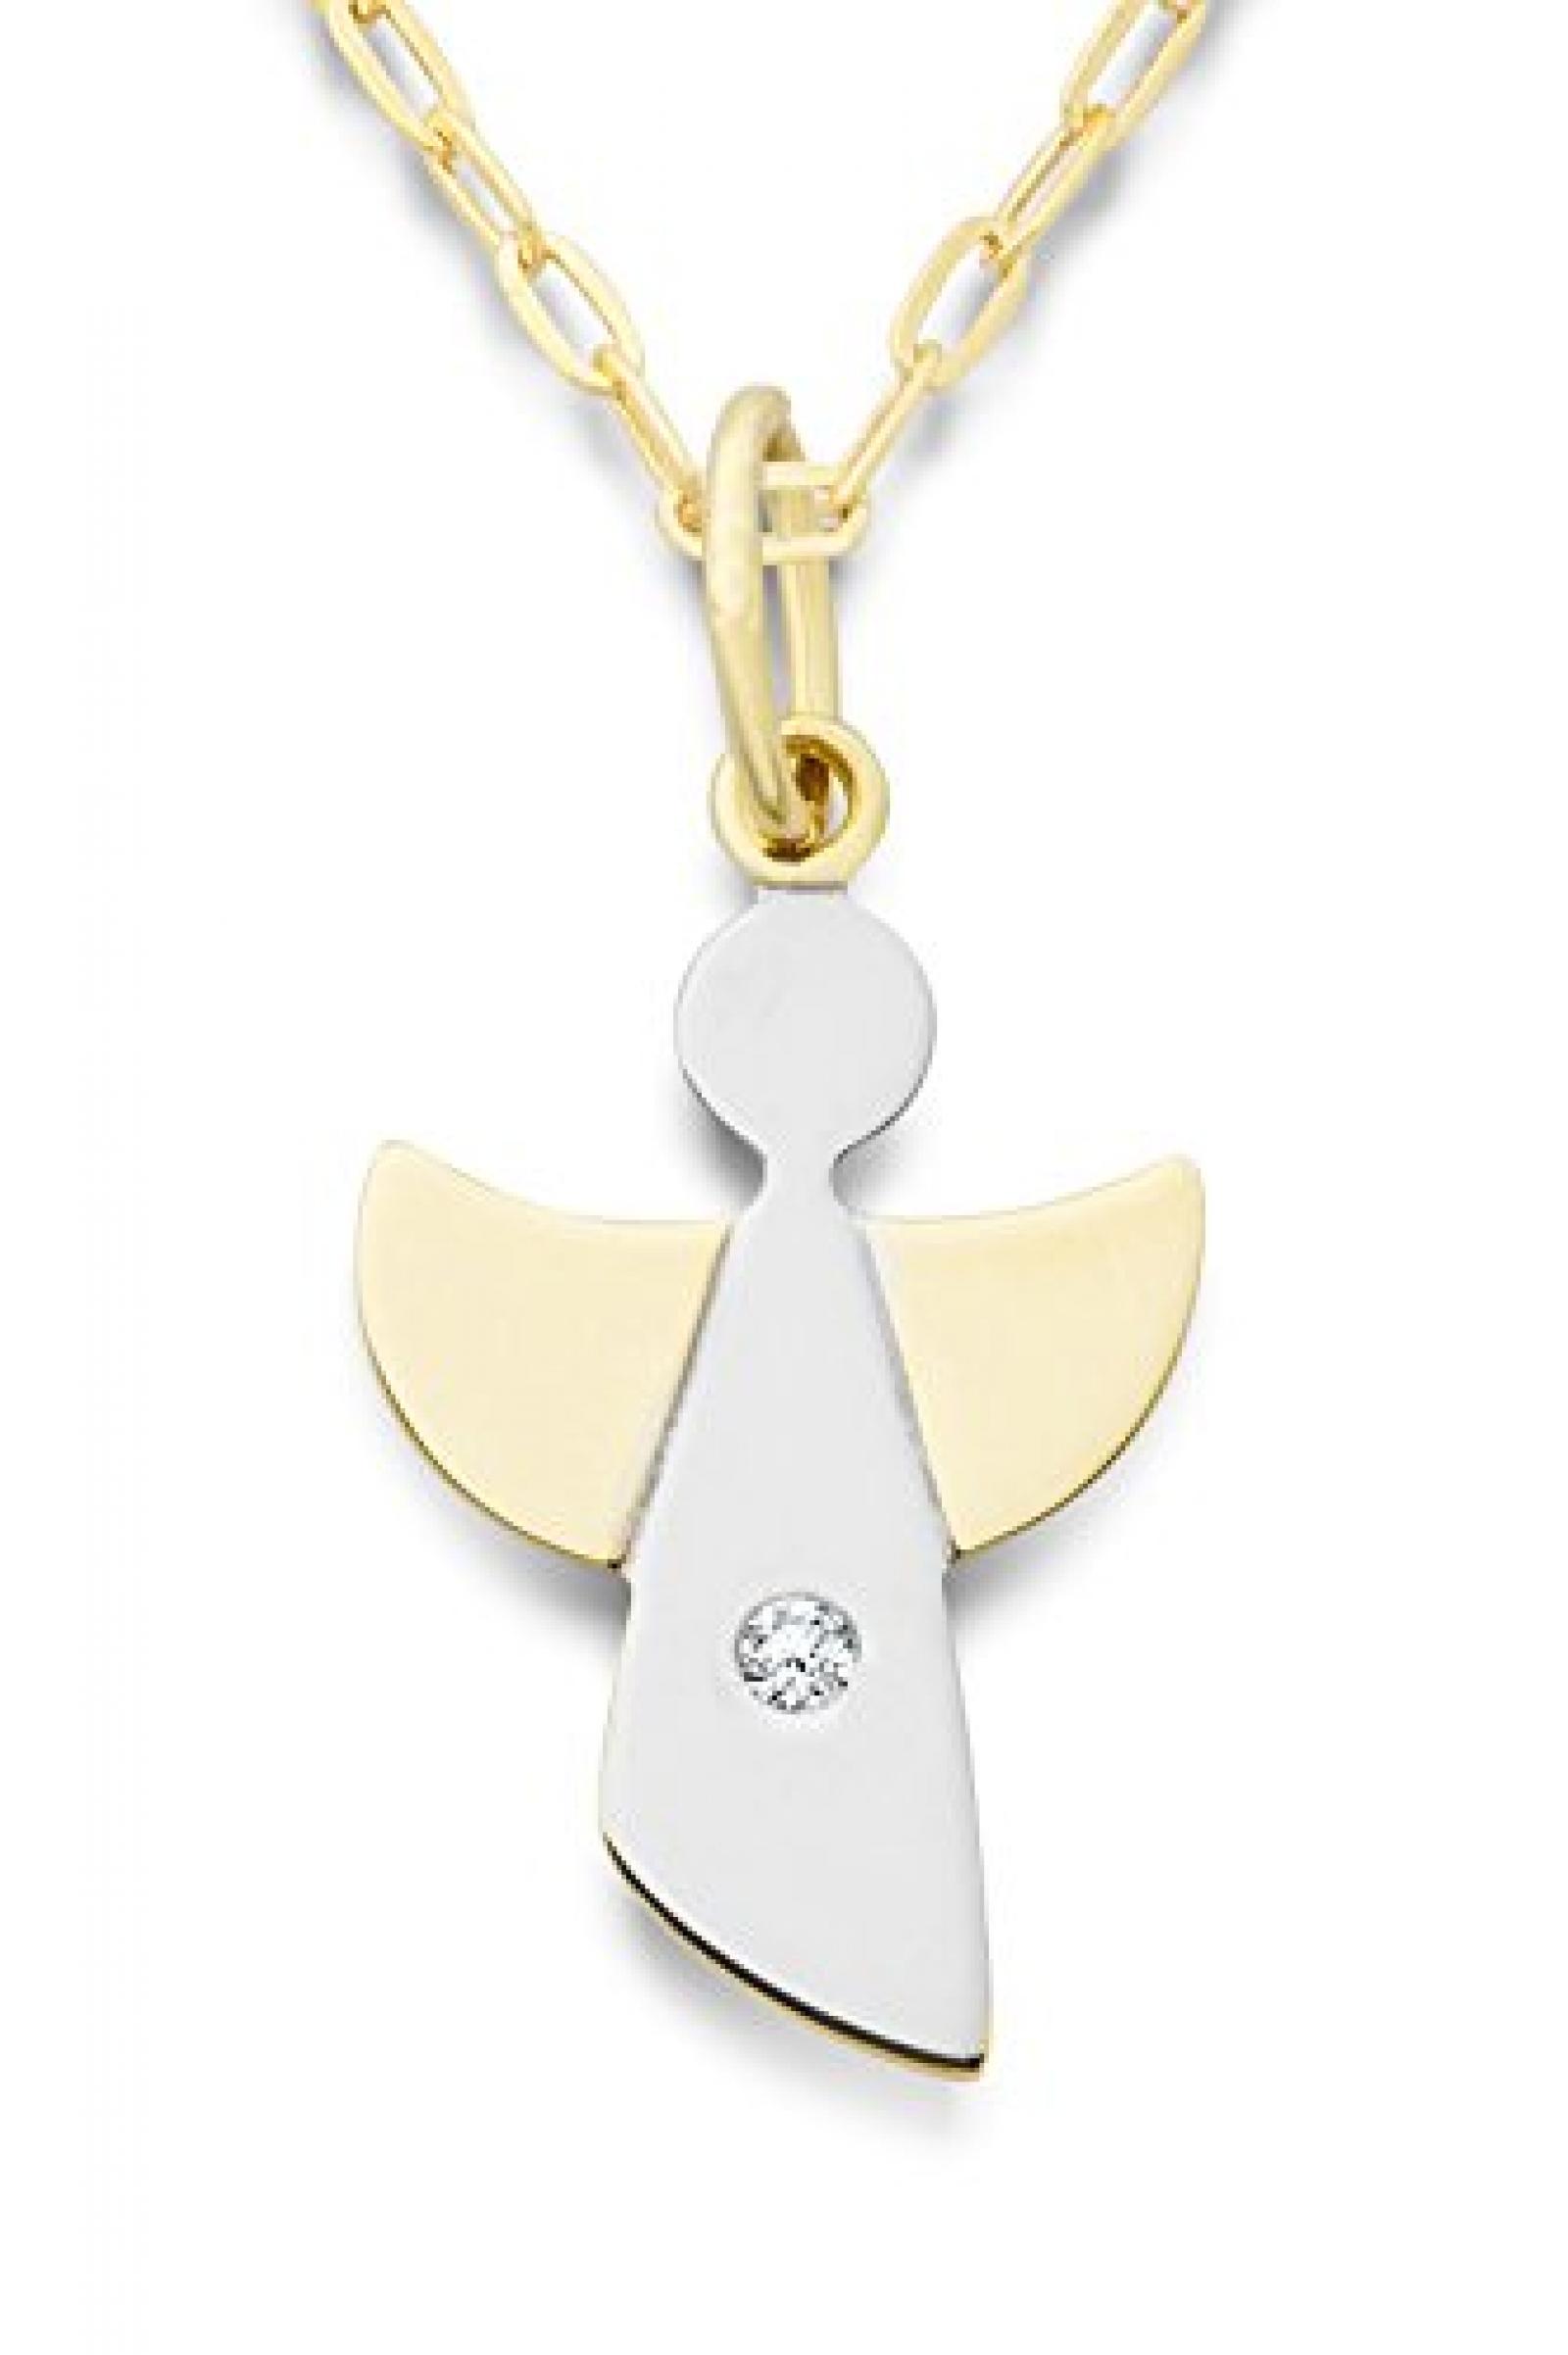 Miore Damen-Halskette mit Anhänger Schutzengel Brillant 9 Karat 375 Gelbgold 45cm MA9044N